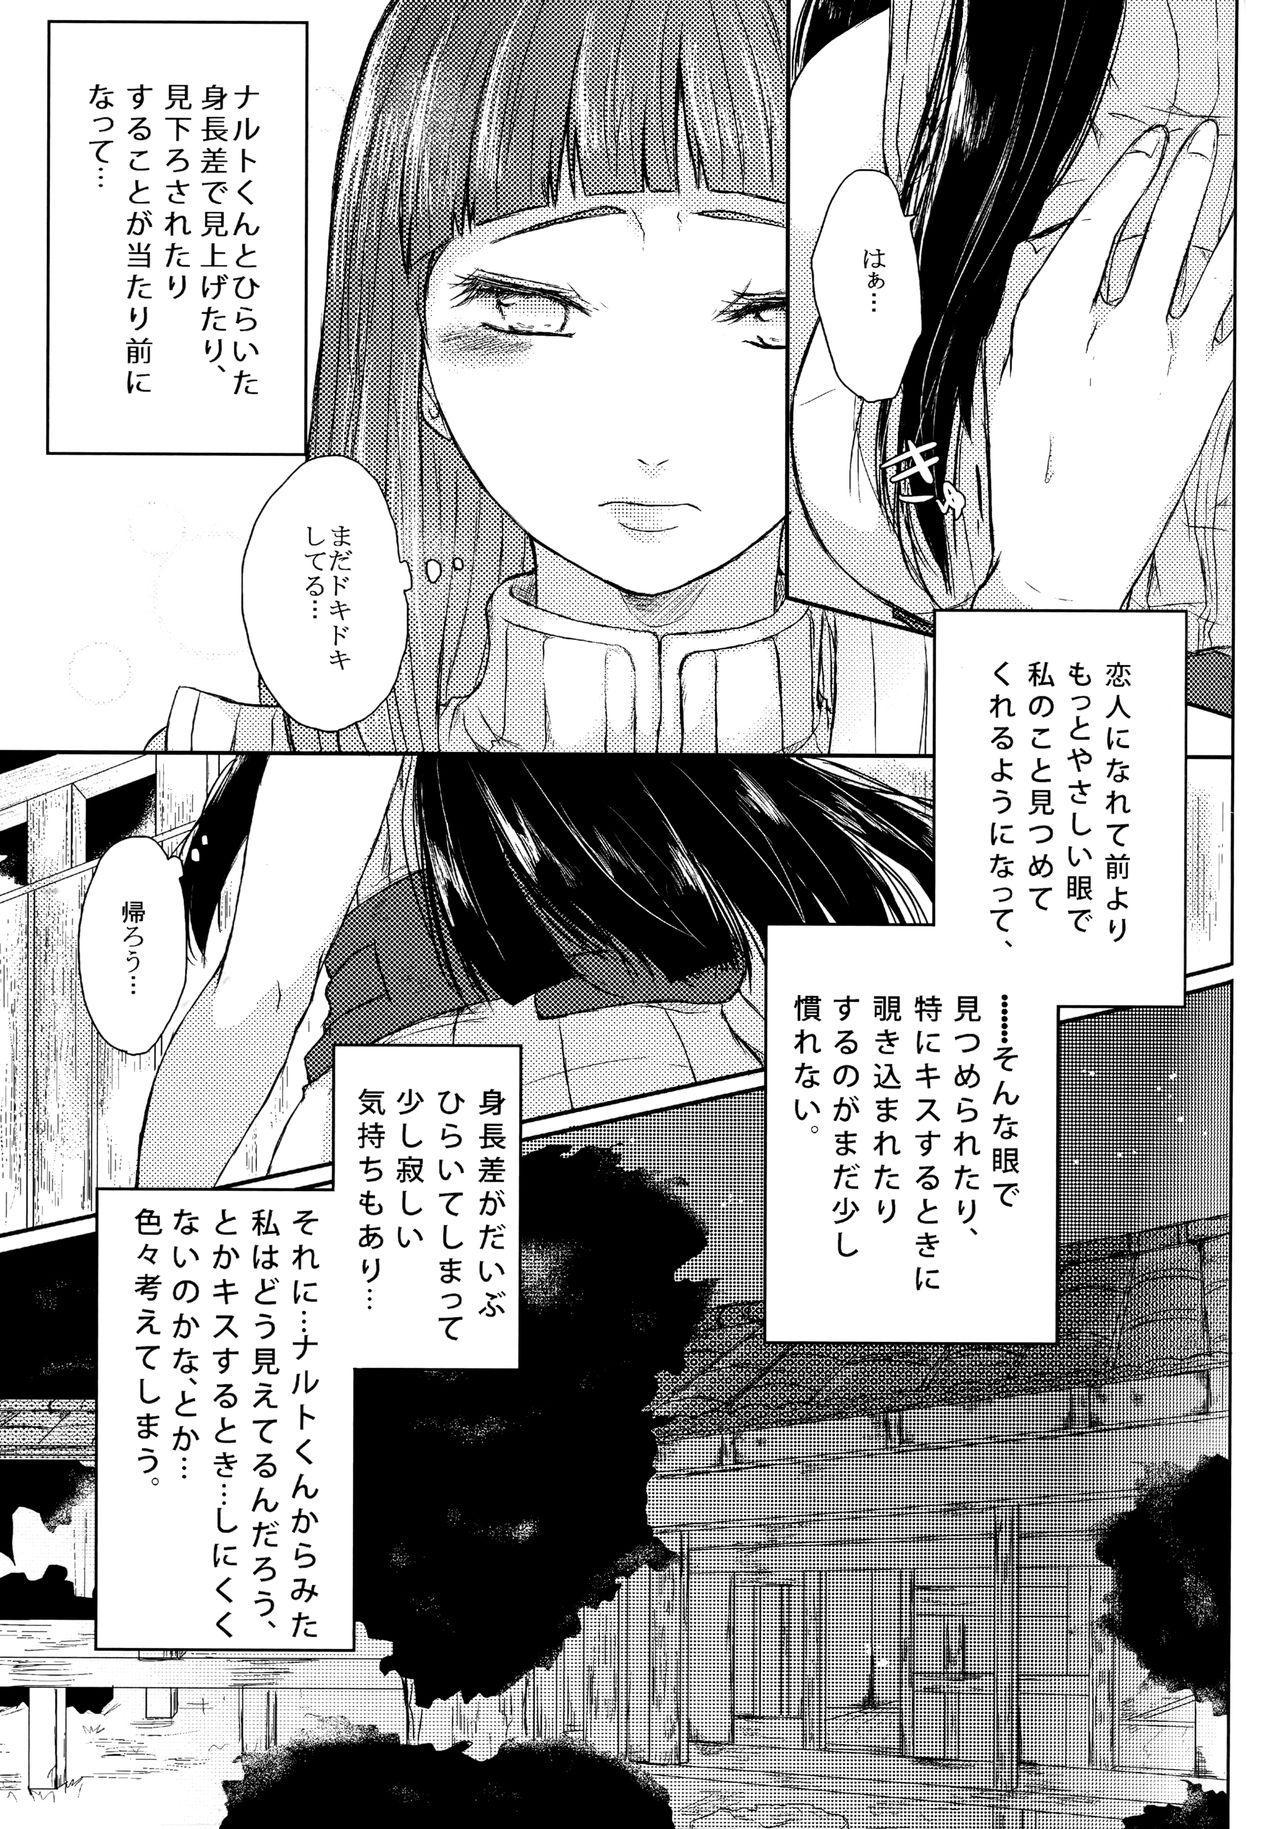 Fuyuiro Memories - Winter Color Memories 43